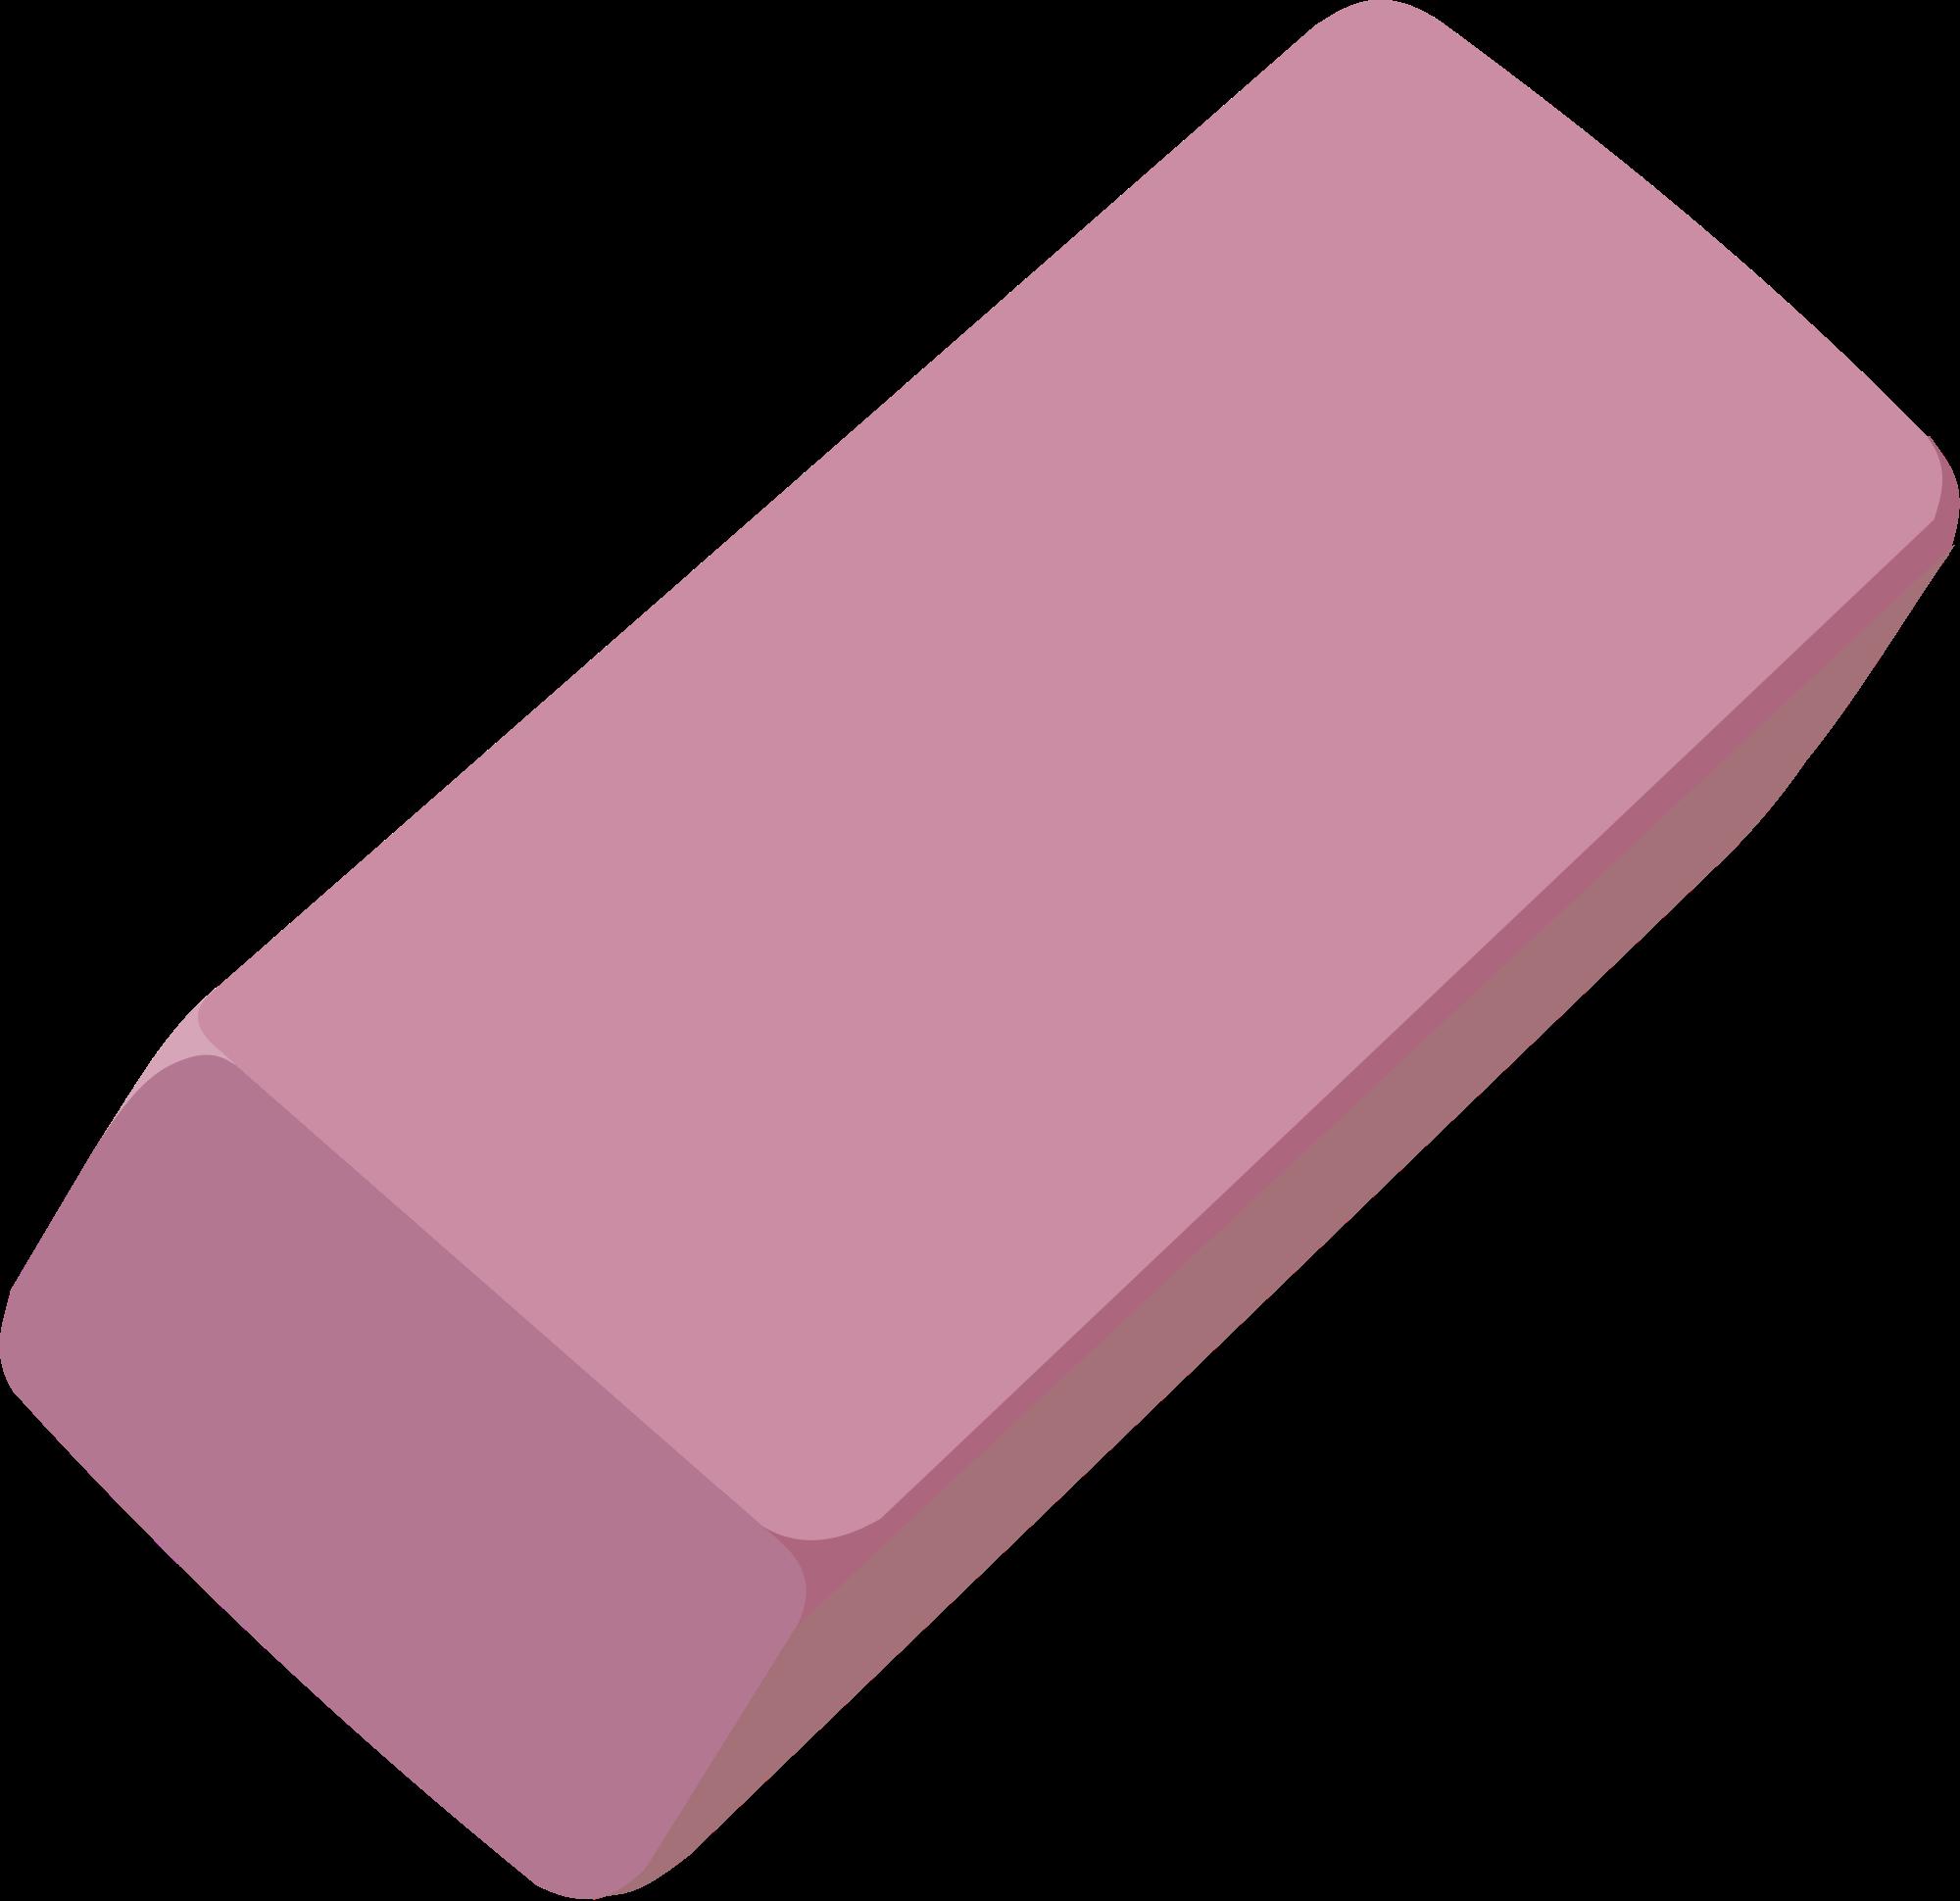 Son una el borrador. Eraser clipart pink pearl